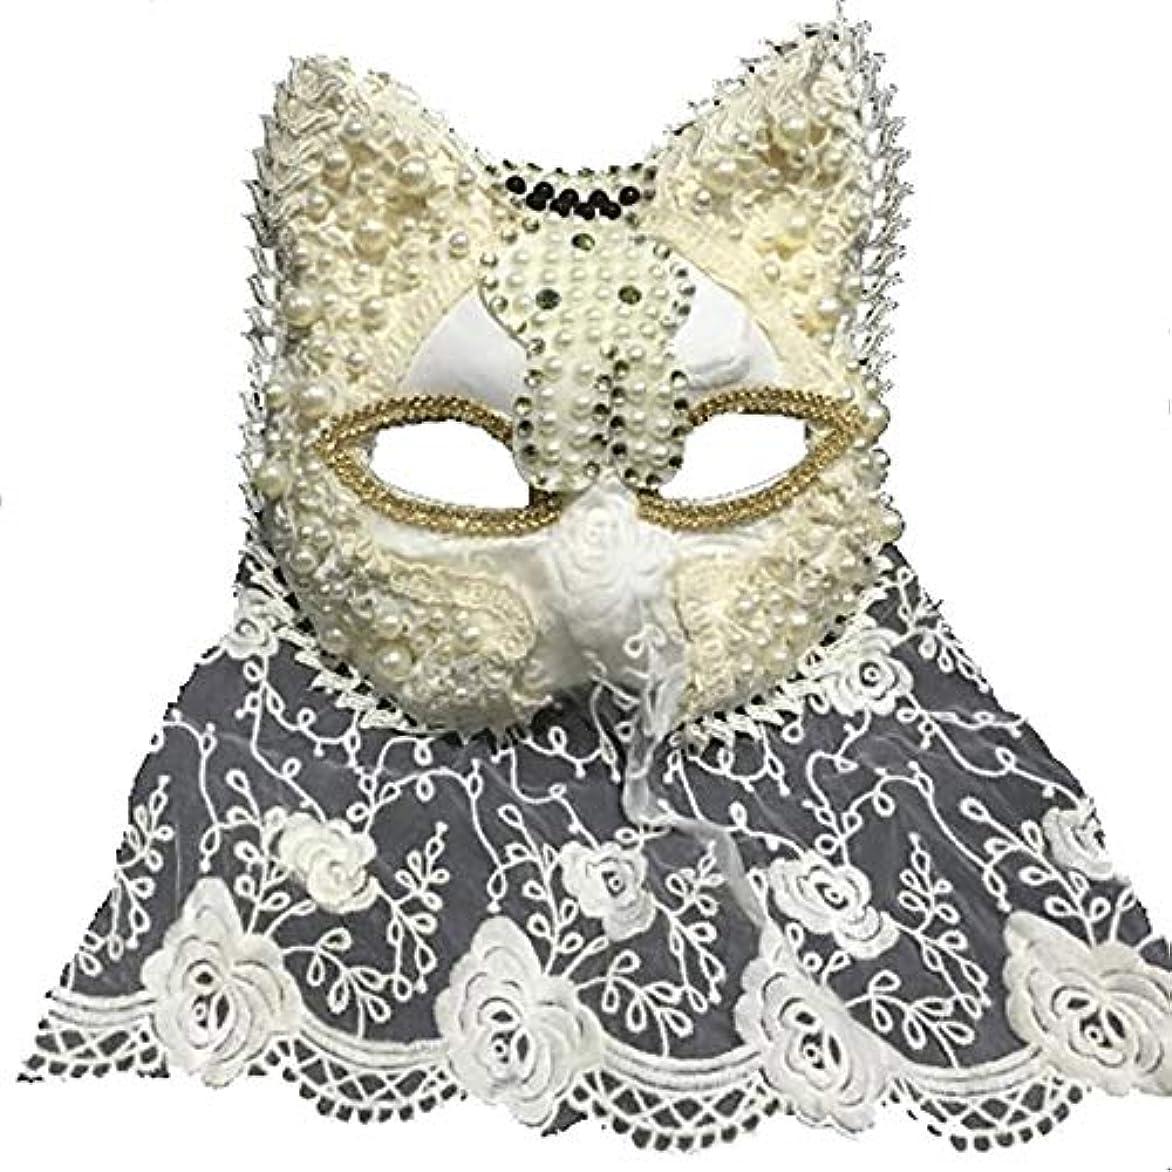 みぞれを通して負Nanle ハロウィーンクリスマスフリンジフェザーフラワークリスタルビーズマスク仮装マスクレディミスプリンセス美容祭パーティーデコレーションマスク (色 : Style F)